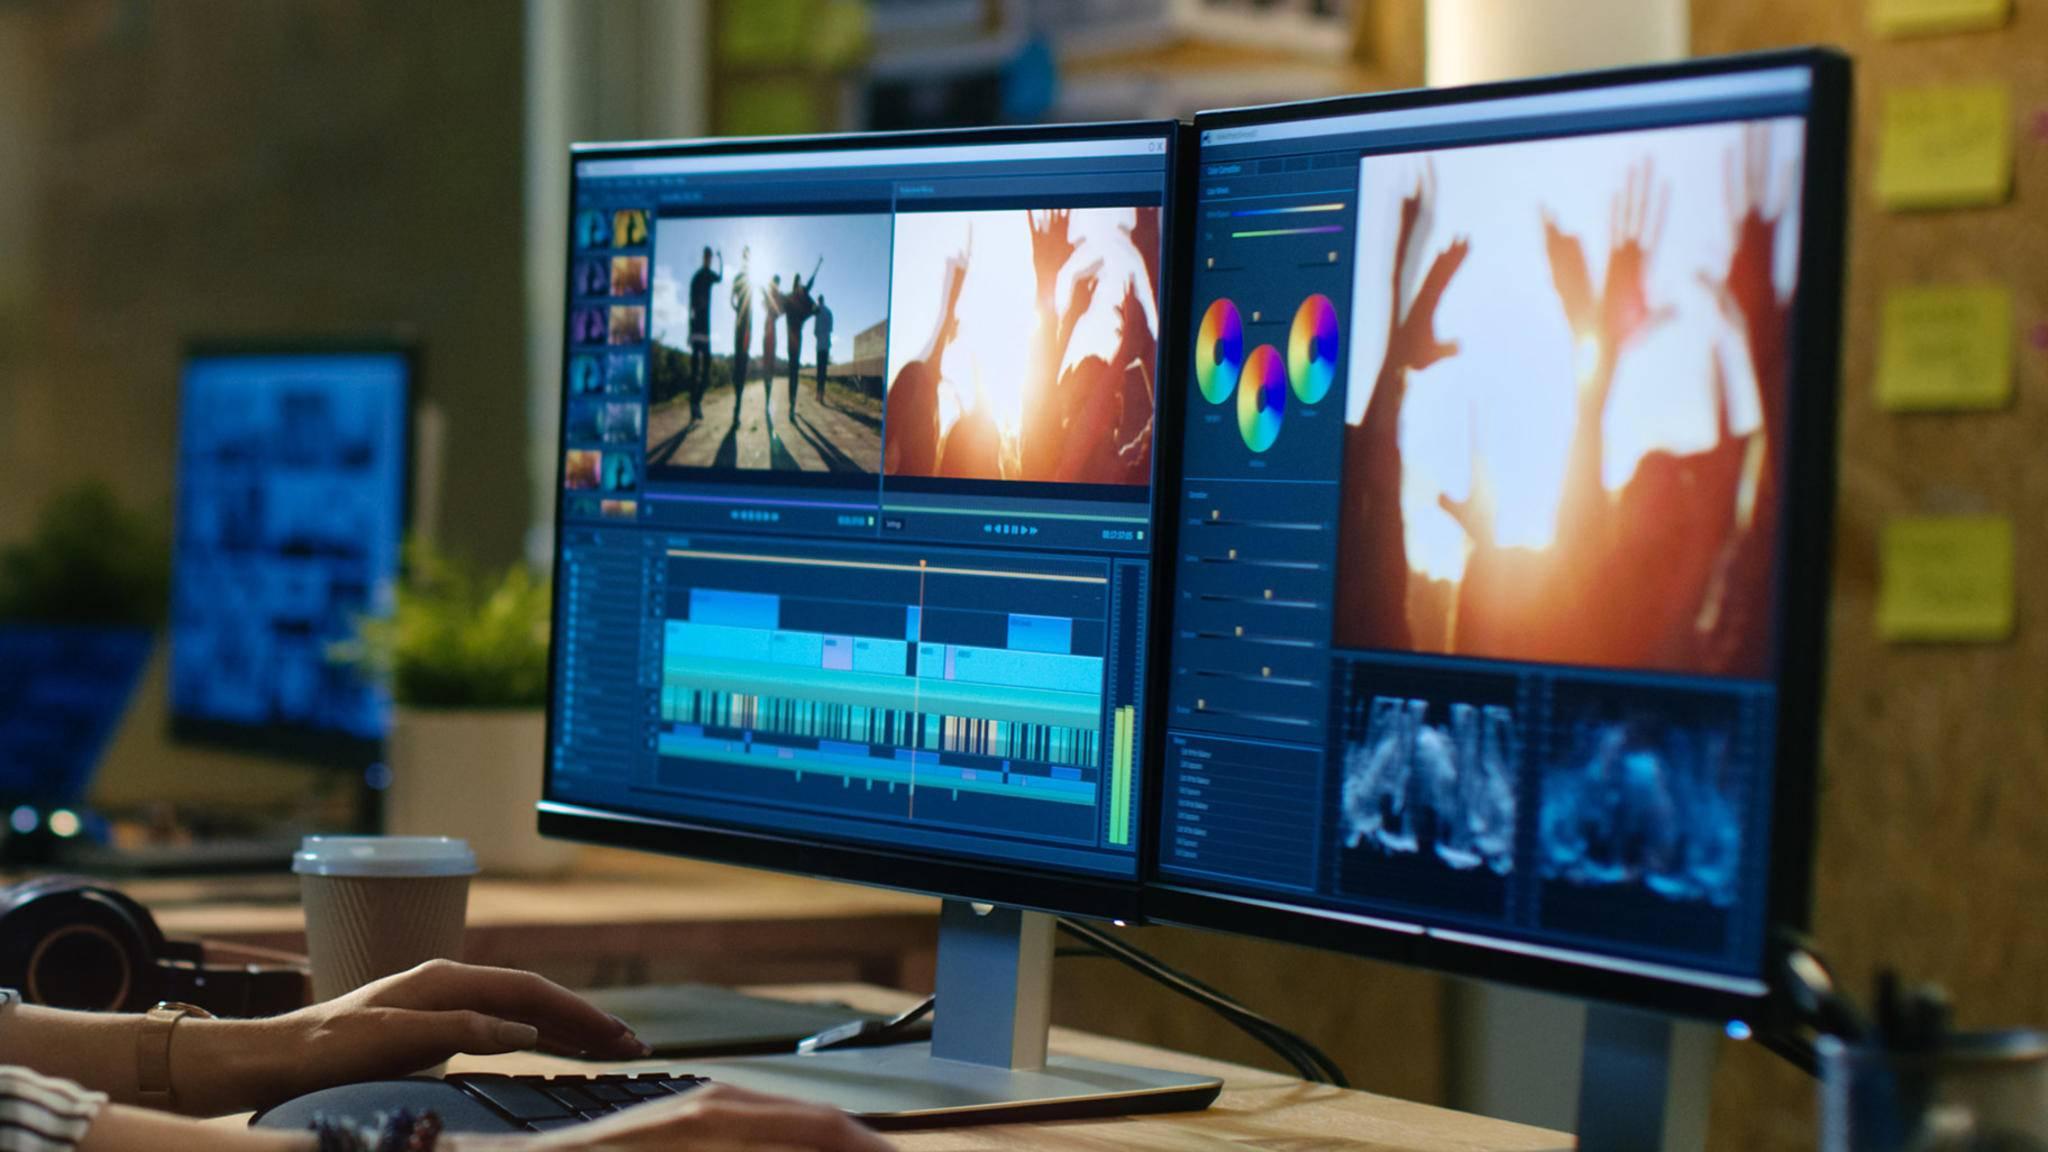 iMovie für Windows oder iMovie für Android? 7 gute